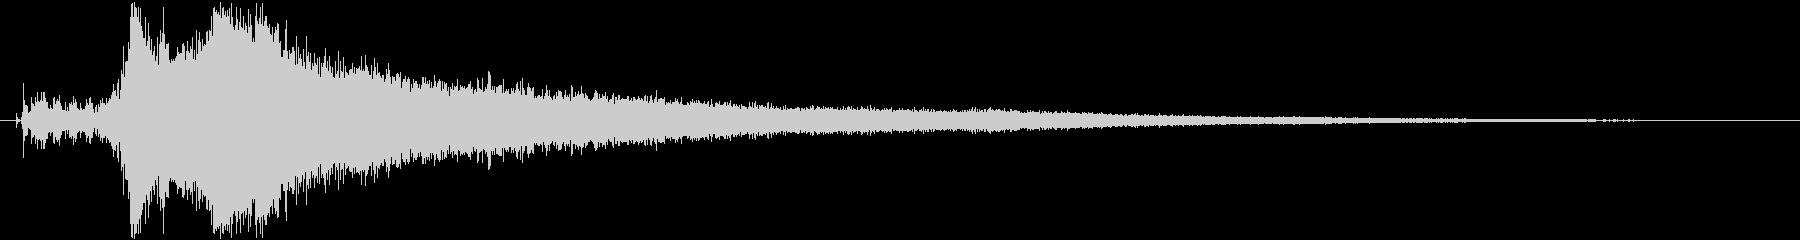 アーミージープ:スタート、アイドル...の未再生の波形